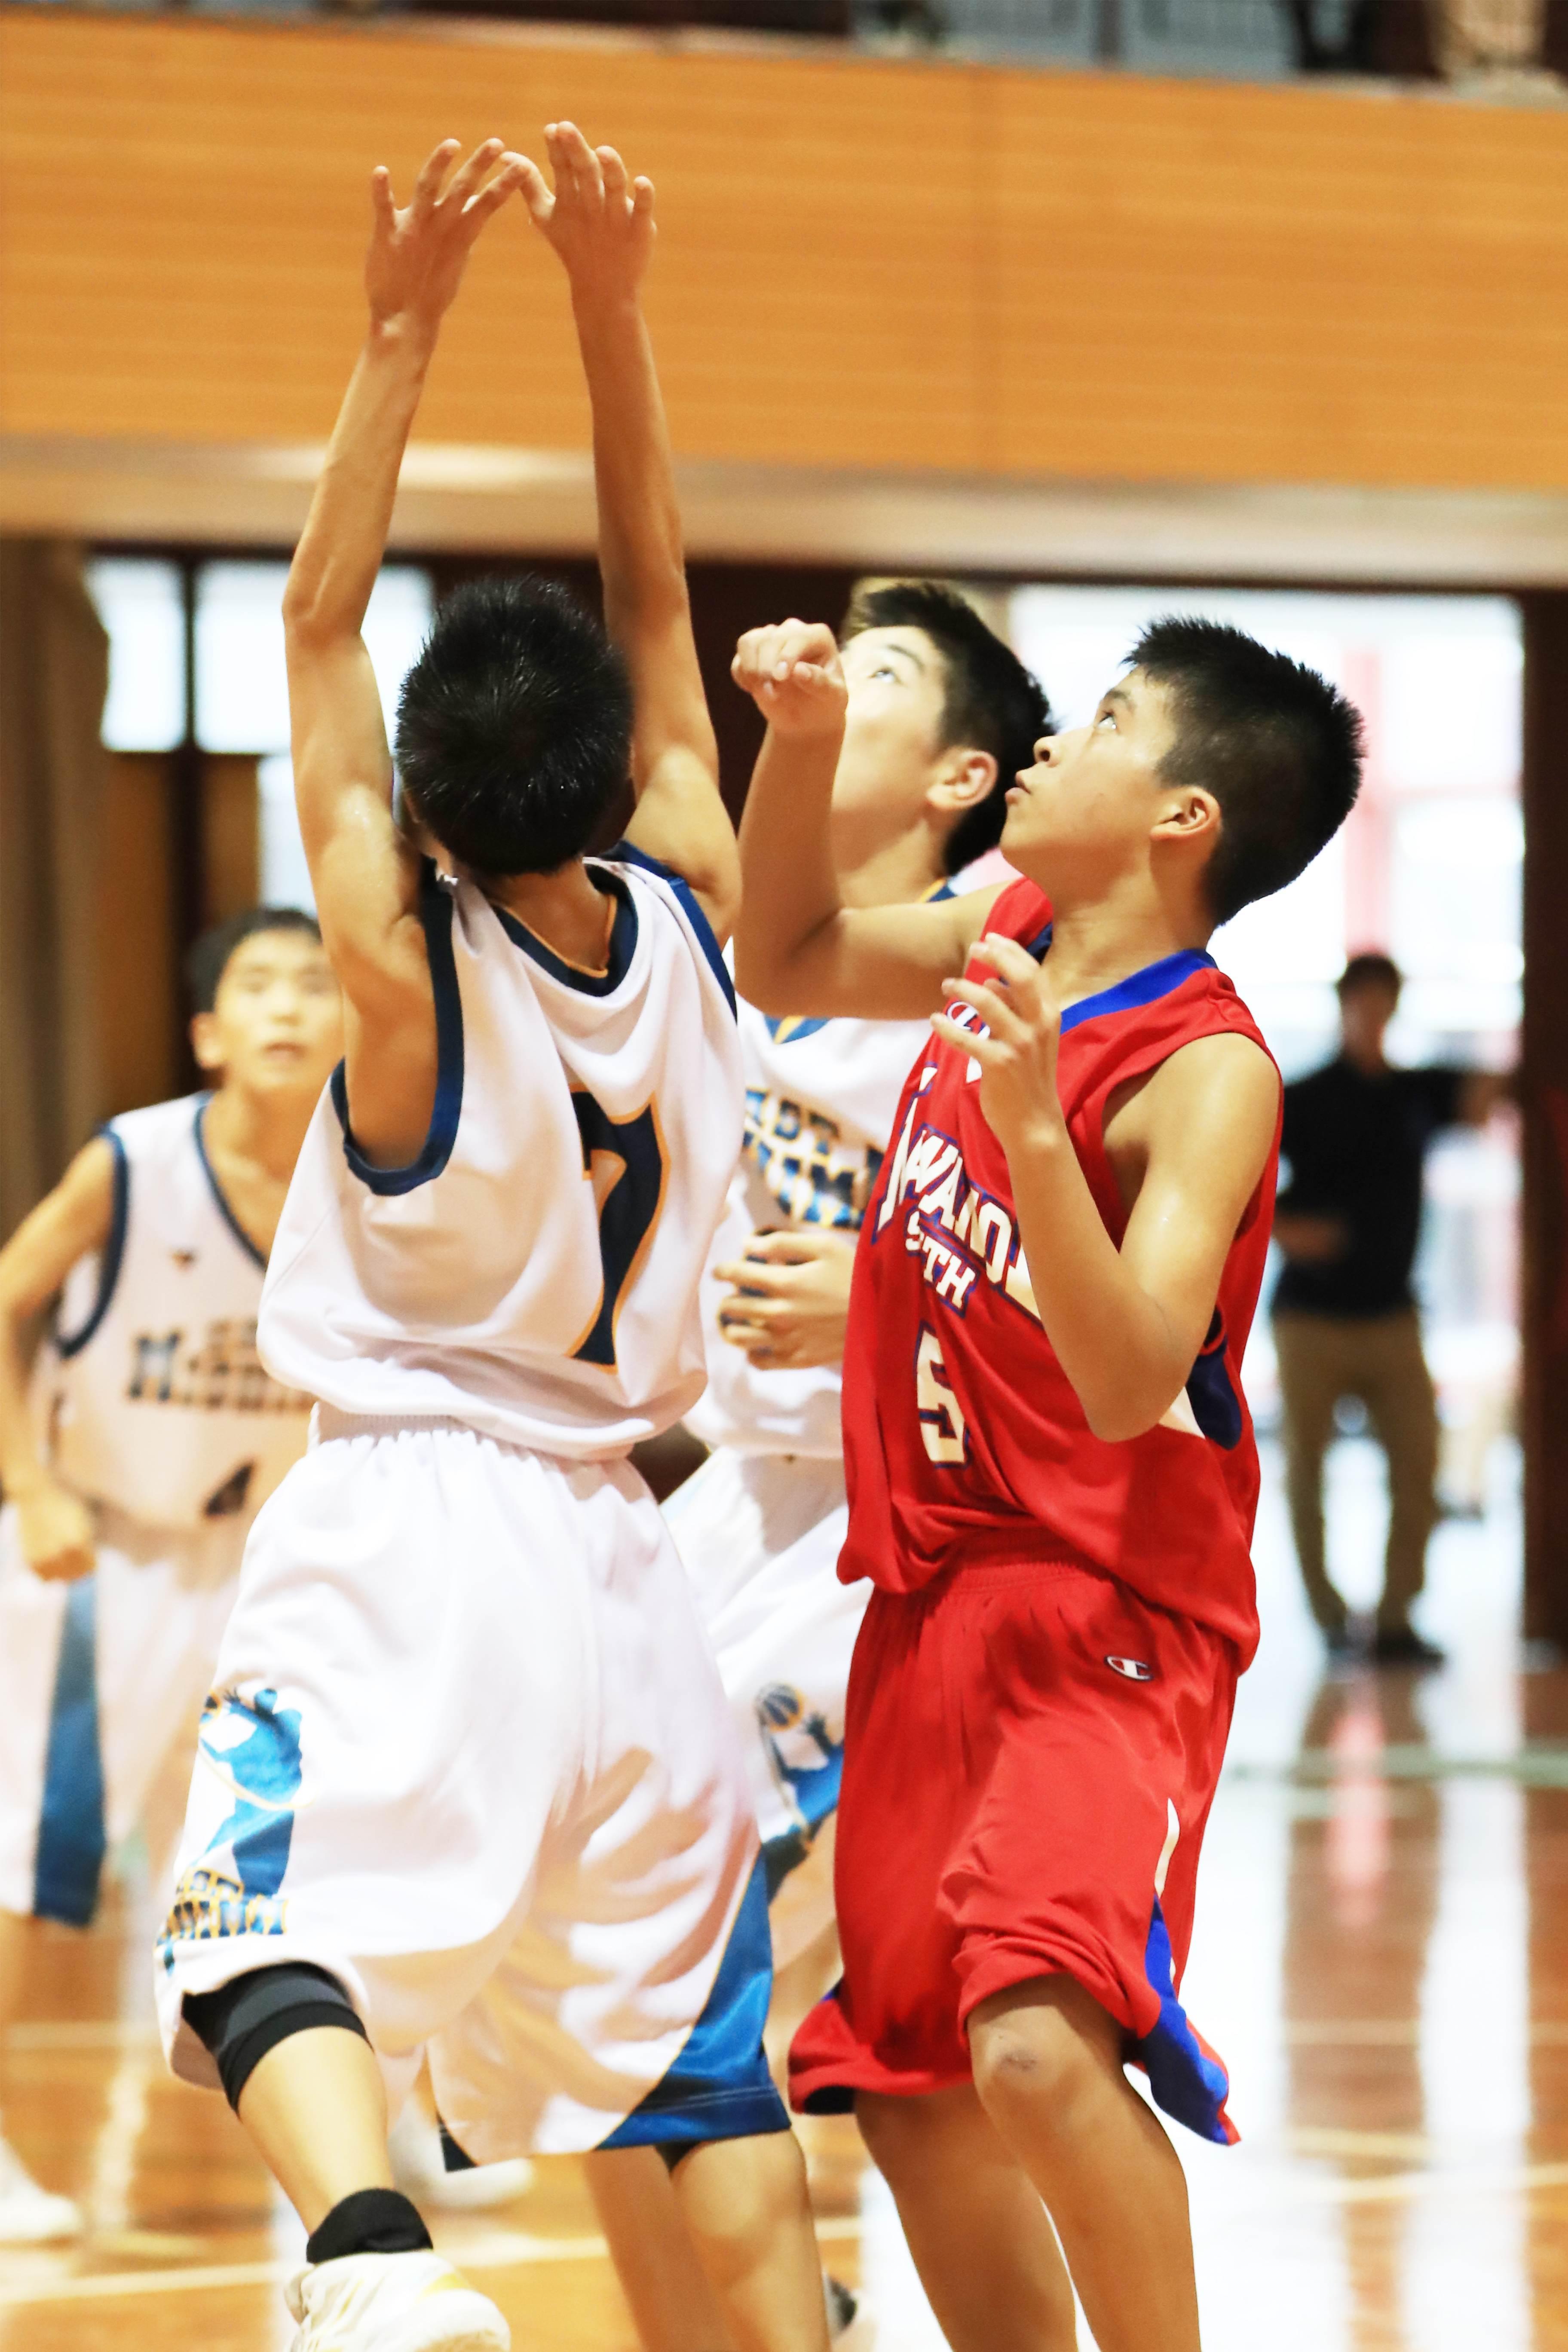 basketball (51)